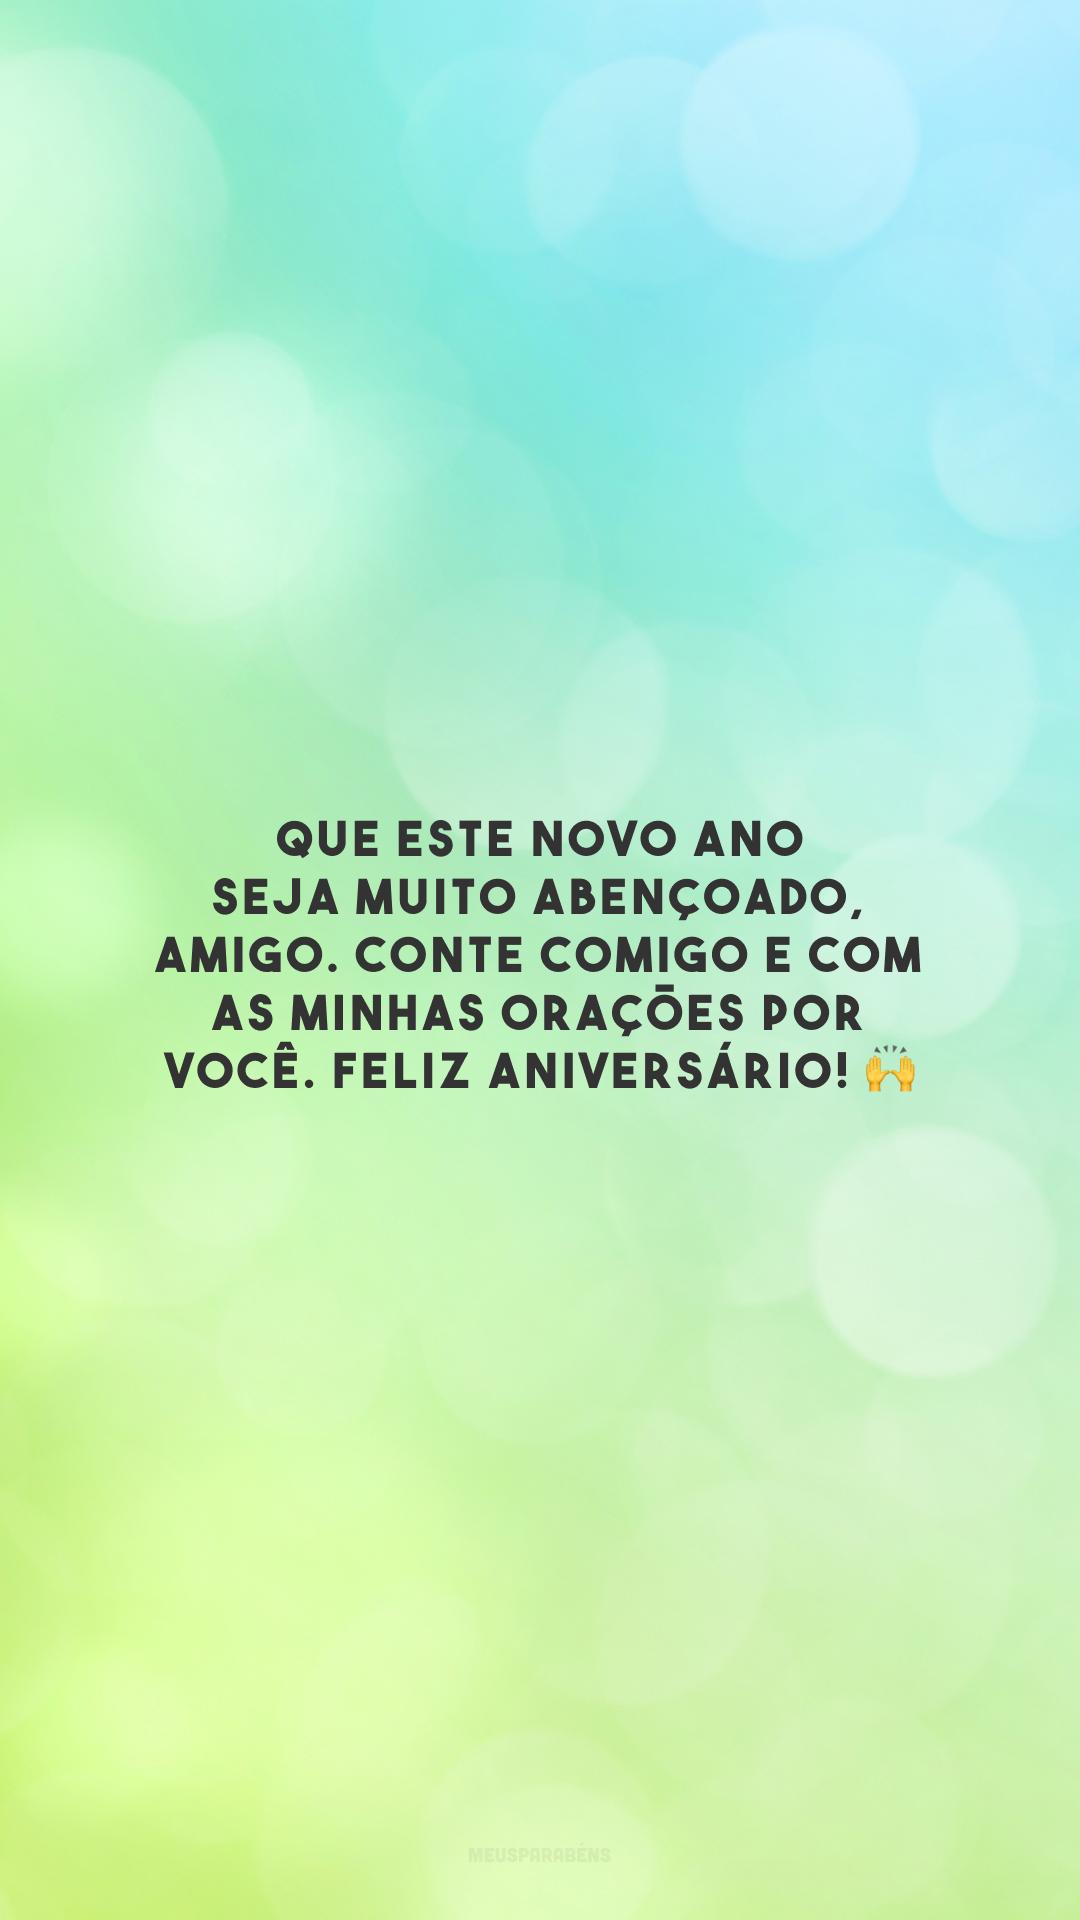 Que este novo ano seja muito abençoado, amigo. Conte comigo e com as minhas orações por você. Feliz aniversário! 🙌